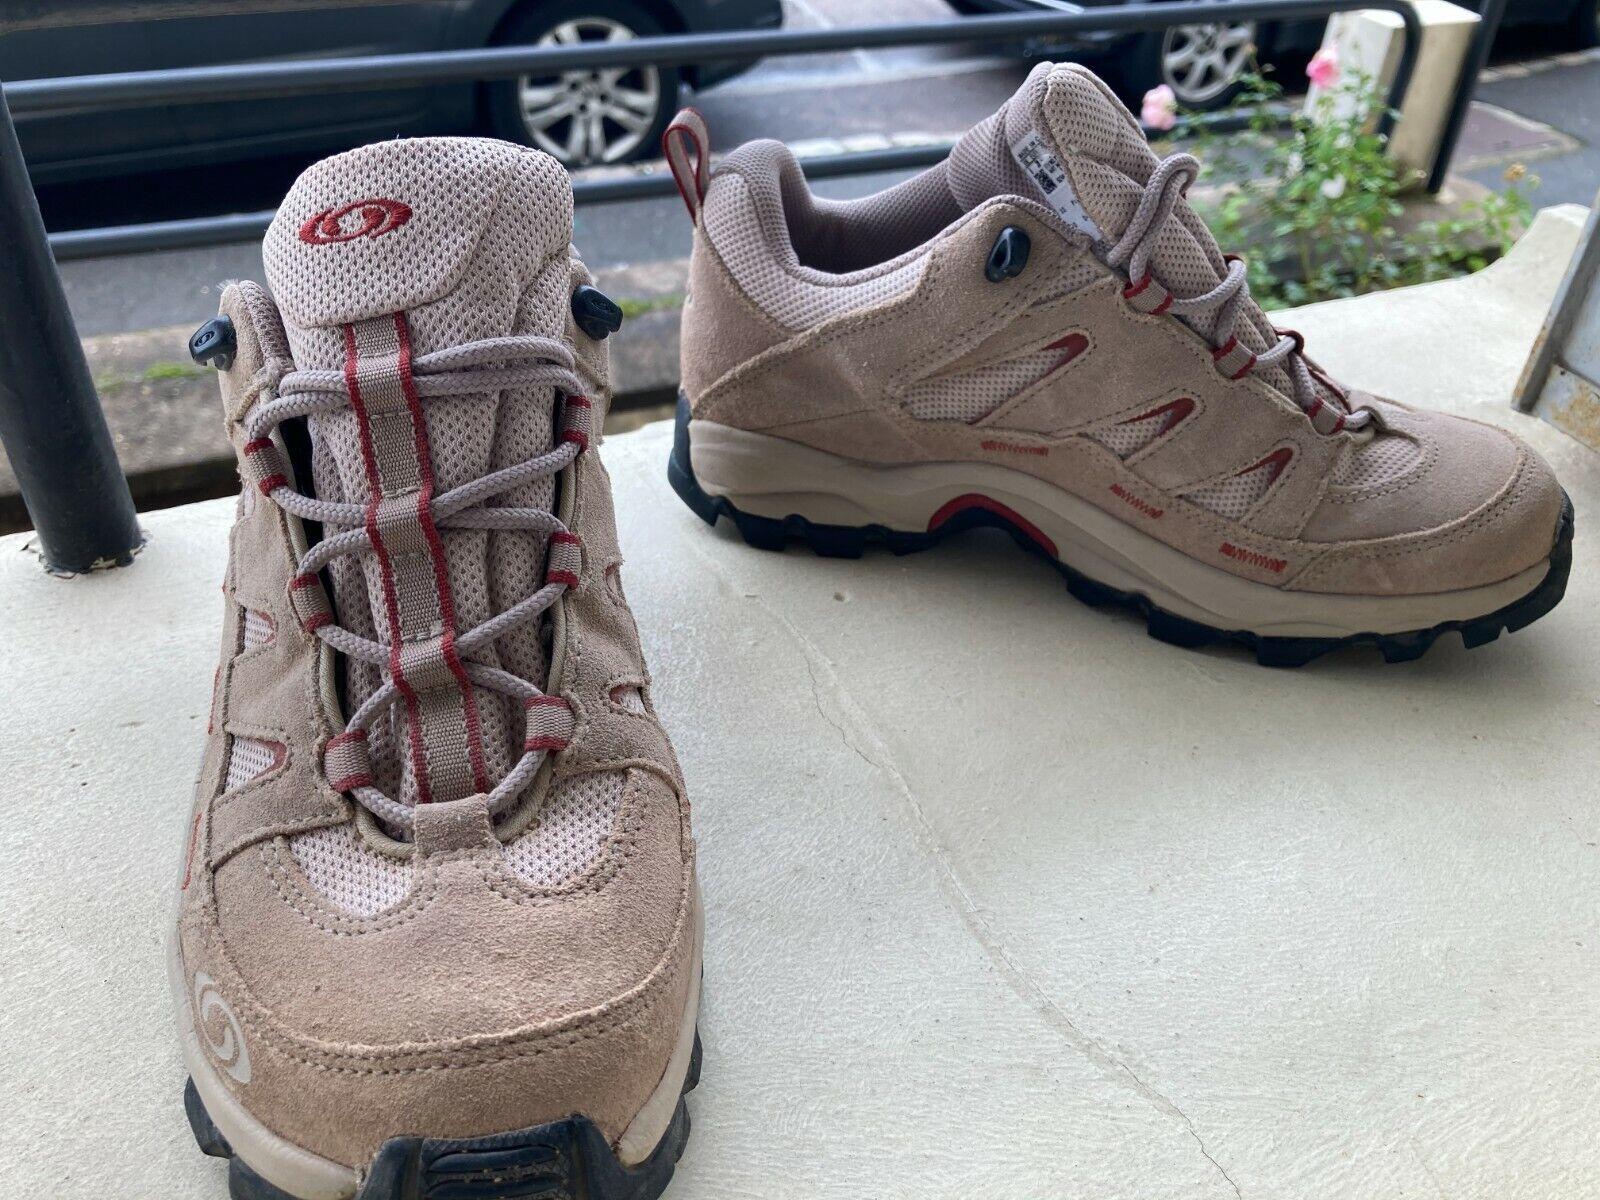 Chaussures de randonnée salomon contagrip 39,5